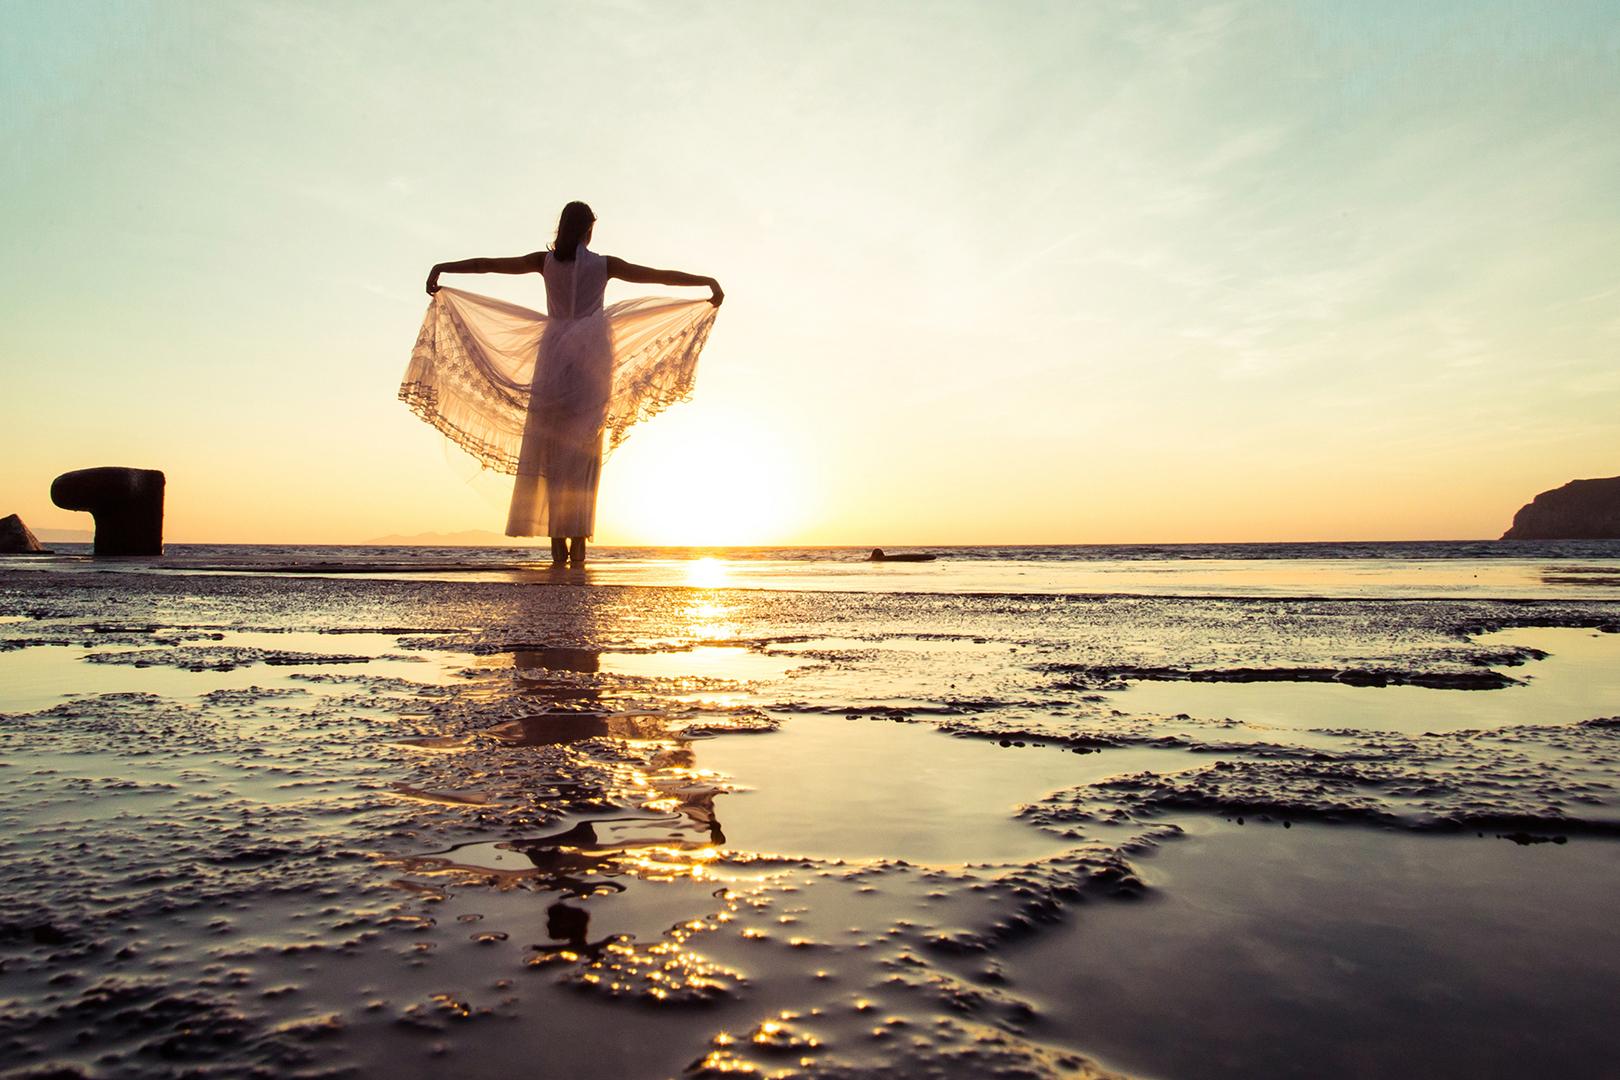 gianni-lepore-sposa-tramonto-mare-sea